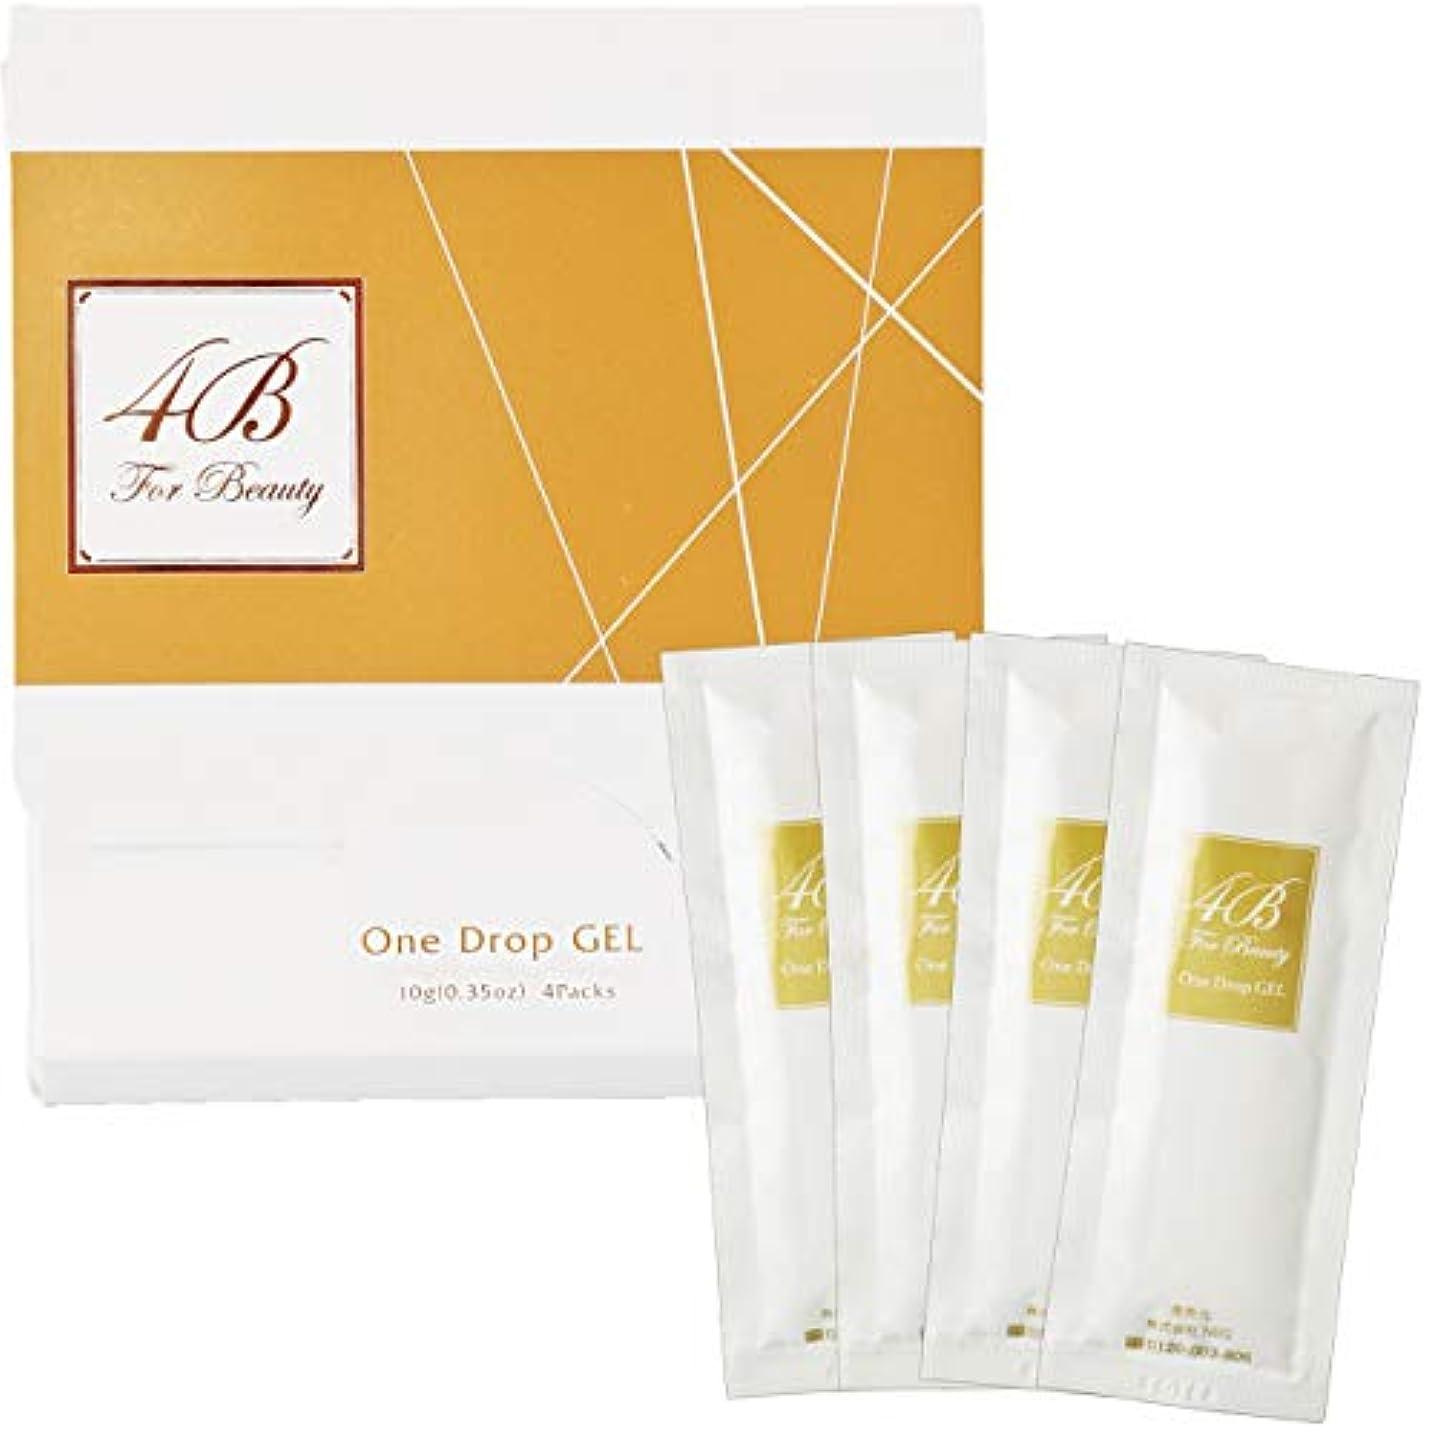 まっすぐ疲労カナダ4B One Drop Gel(フォービー ワンドロップジェル)混ぜない炭酸パック 1剤式 10g×4包